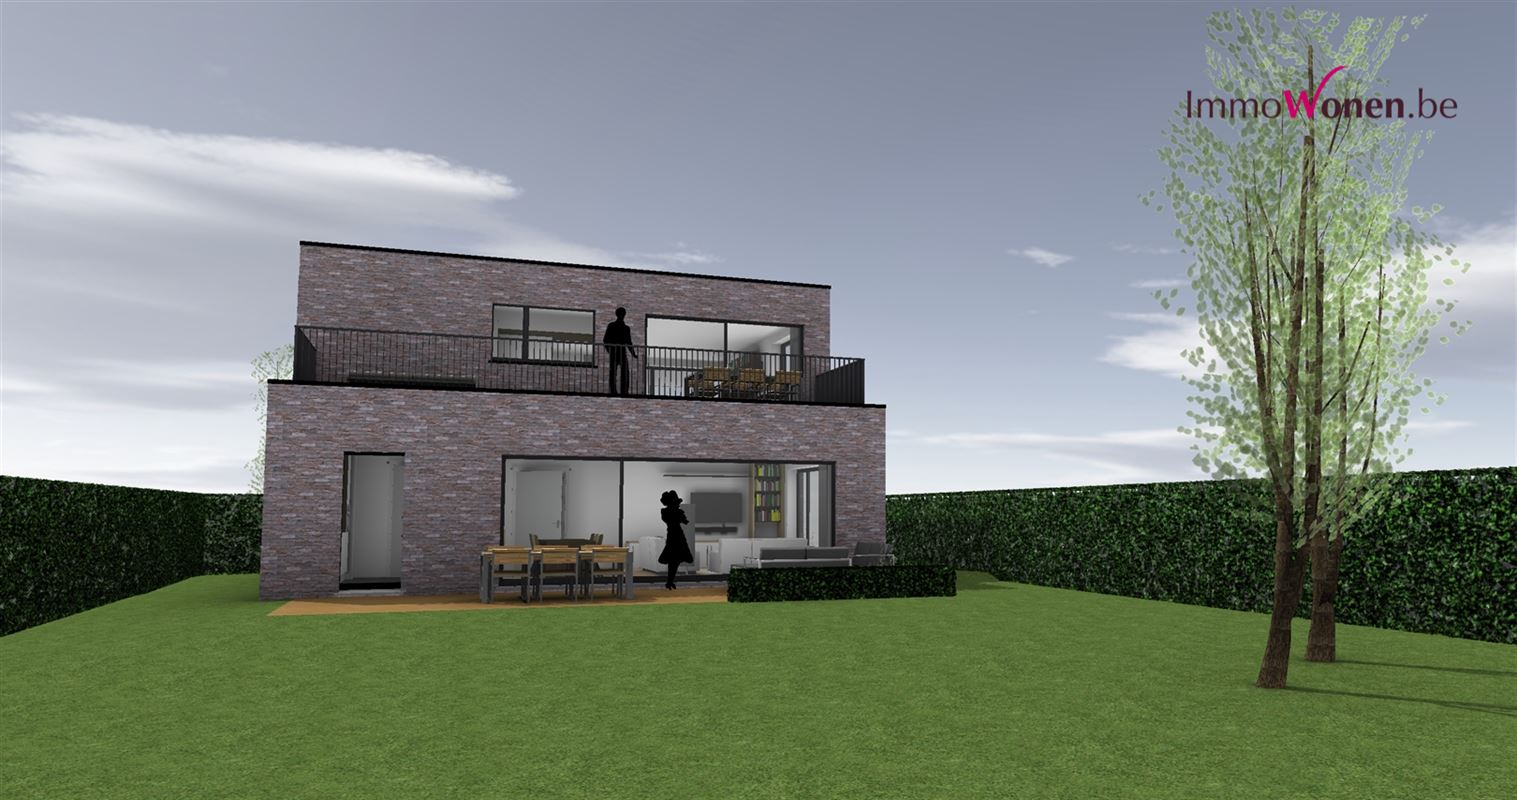 Foto 4 : Appartement te 3071 ERPS-KWERPS (België) - Prijs Prijs op aanvraag